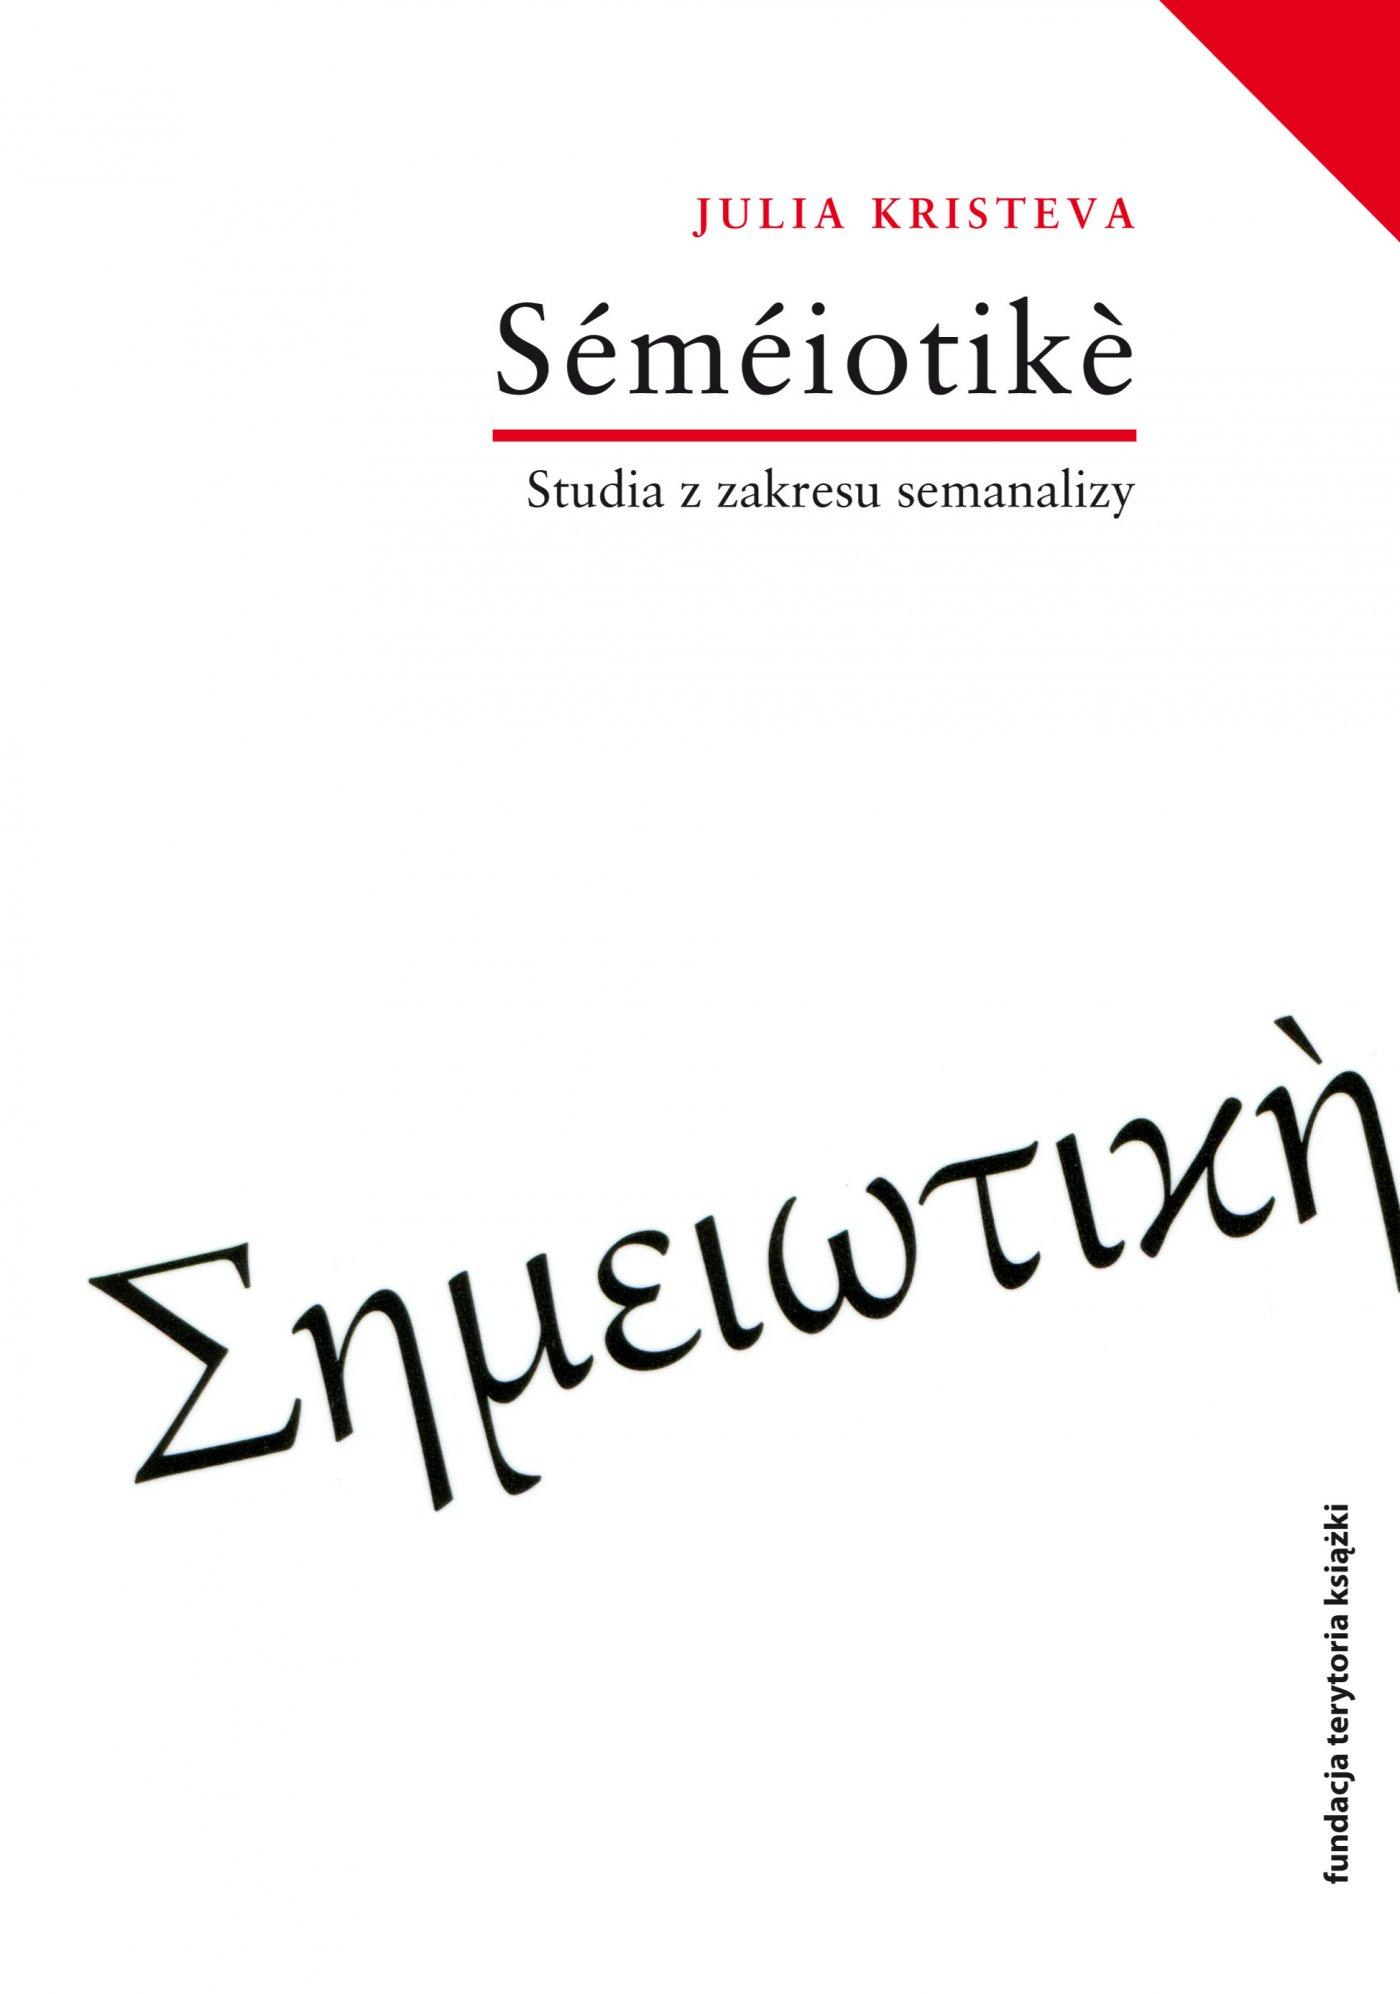 Semeiotike. Studia z zakresu semanalizy - Ebook (Książka EPUB) do pobrania w formacie EPUB